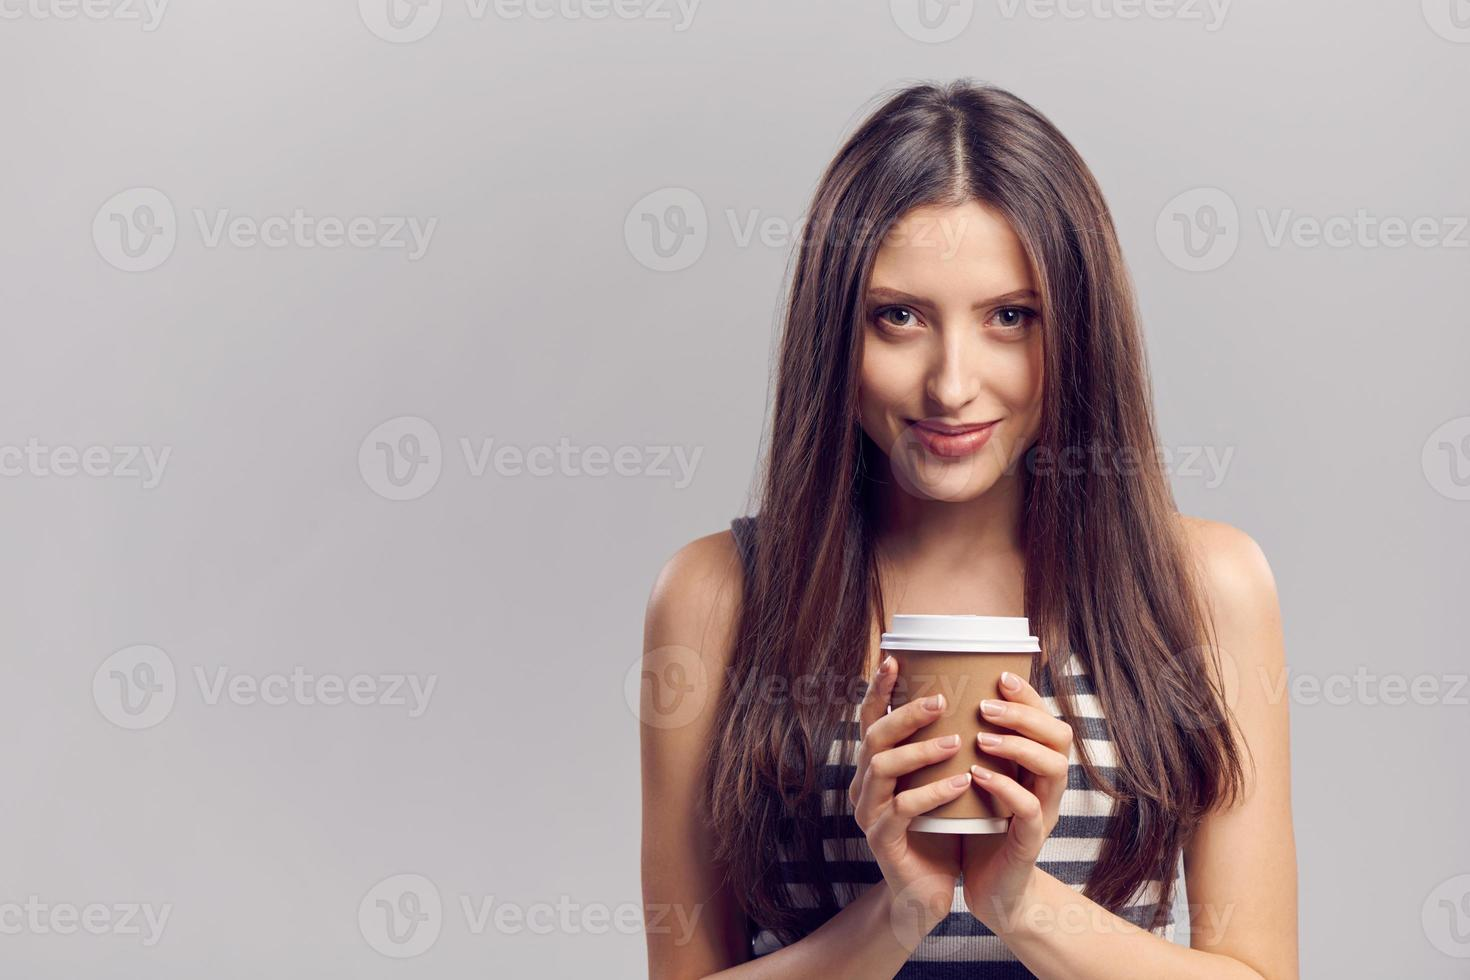 mulher bebendo bebida quente de copo de papel descartável foto